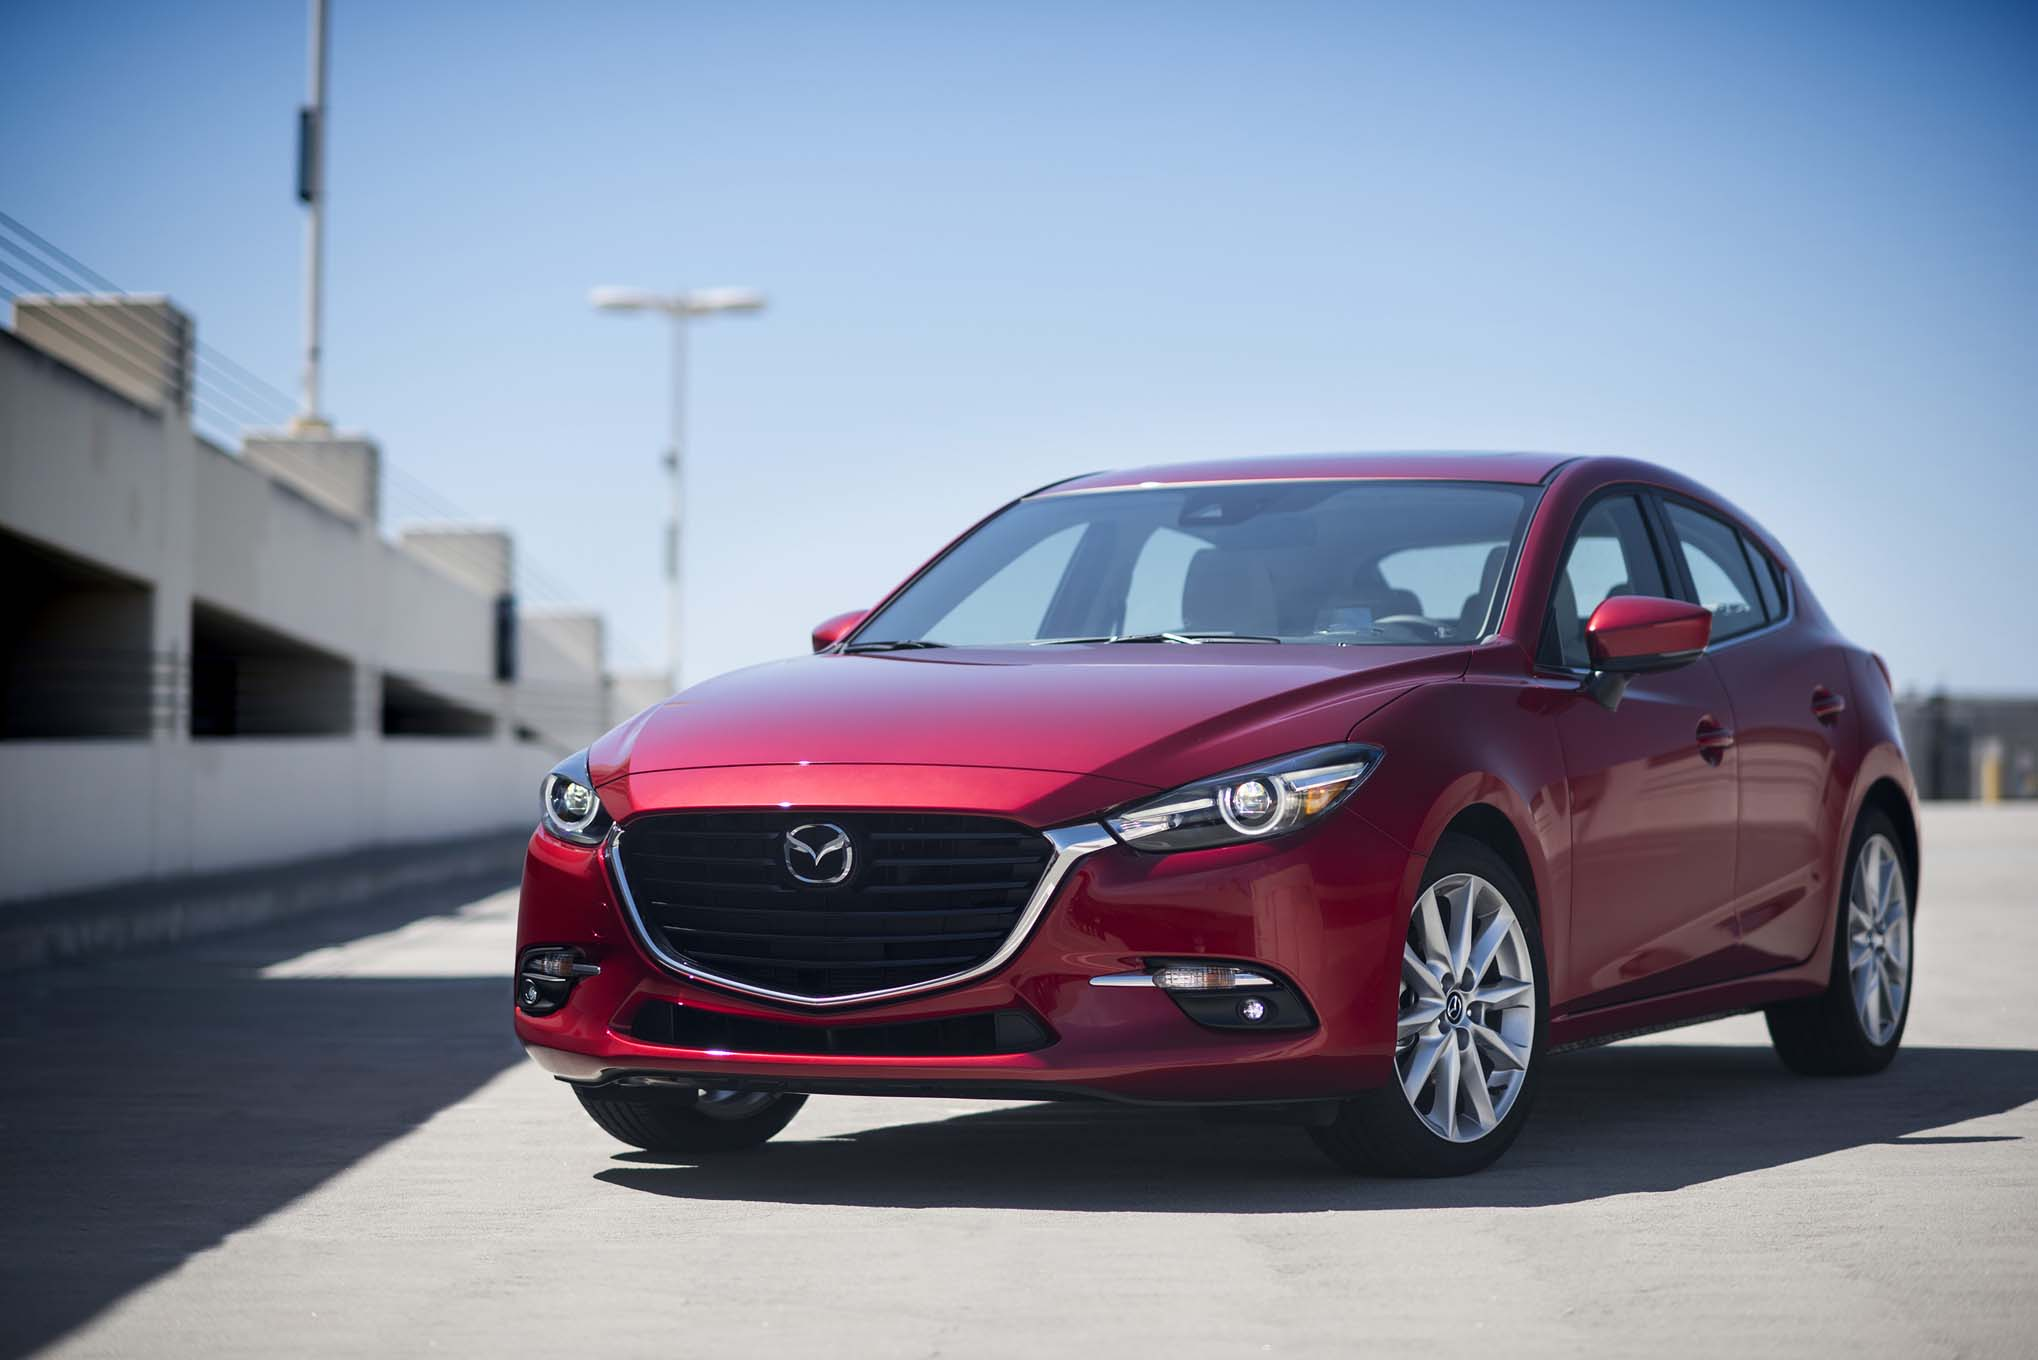 Kelebihan Kekurangan Mazda 3 Sedan 2017 Tangguh